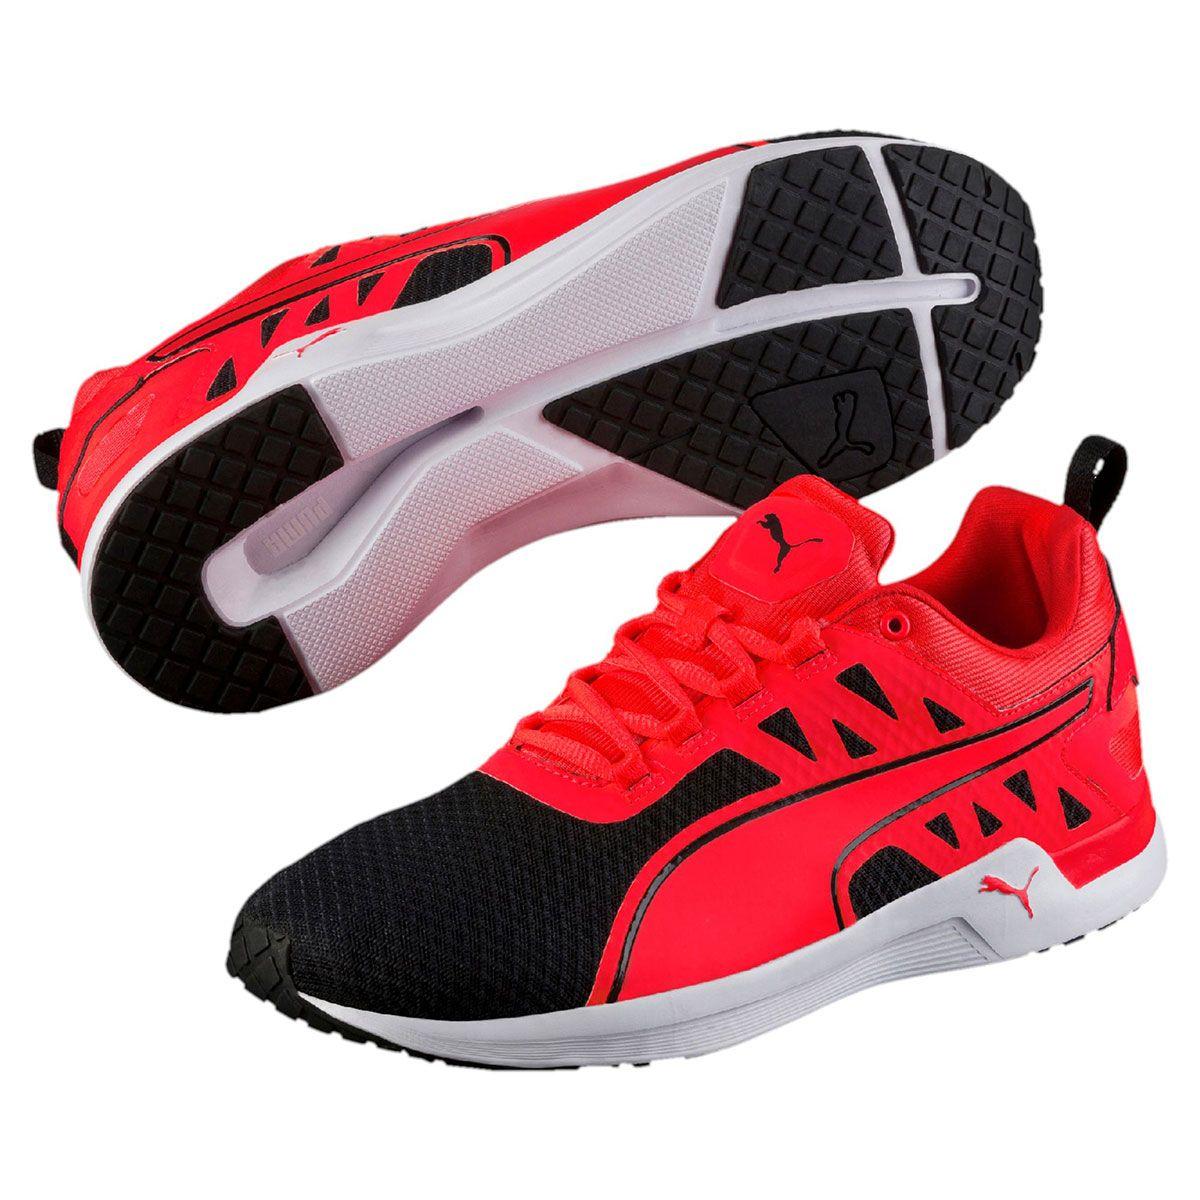 871af18c742 Как да изберем перфектните маратонки за бягане? - ShopSector.com